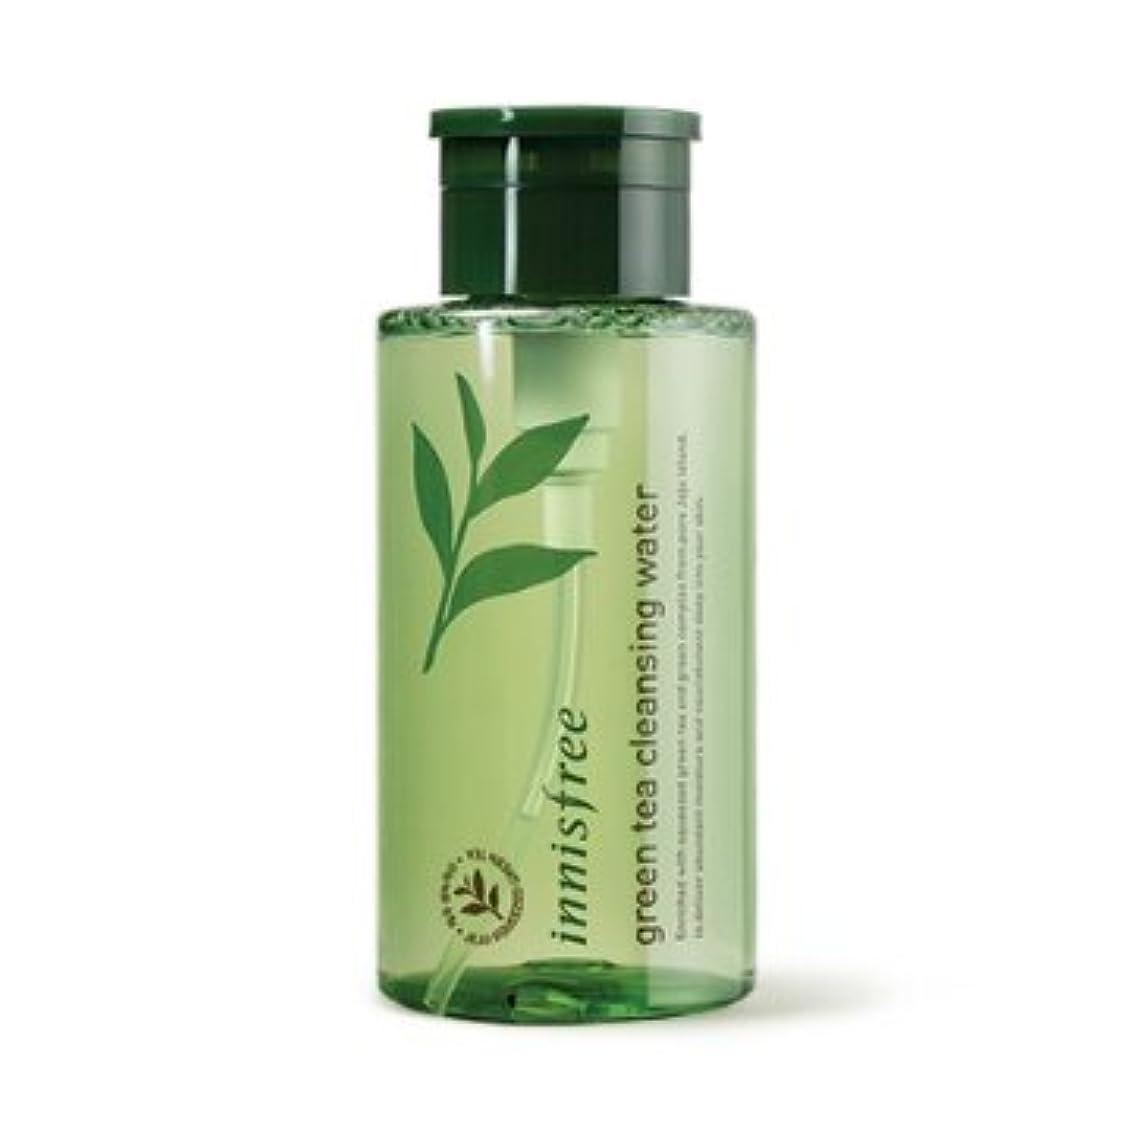 取り替える植物の長さ【イニスフリー】Innisfree green tea cleansing water - 300ml(300ml (韓国直送品) (SHOPPINGINSTAGRAM)